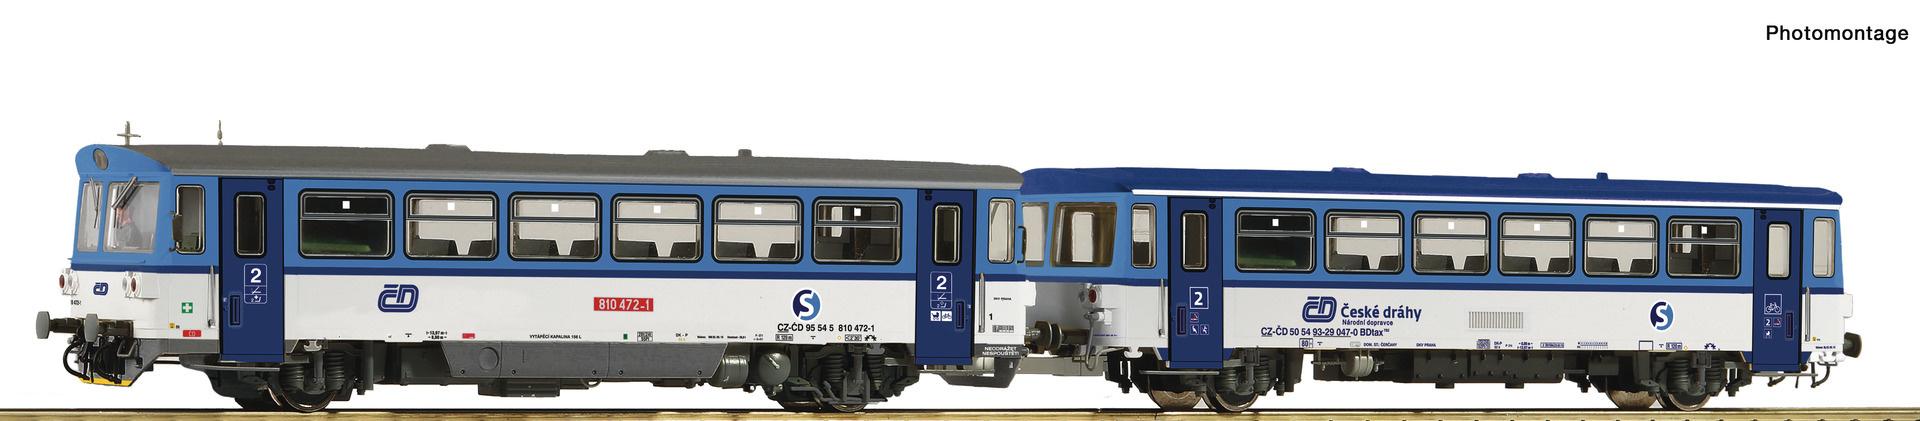 70378 Dieseltriebw. Rh 810 CD-1